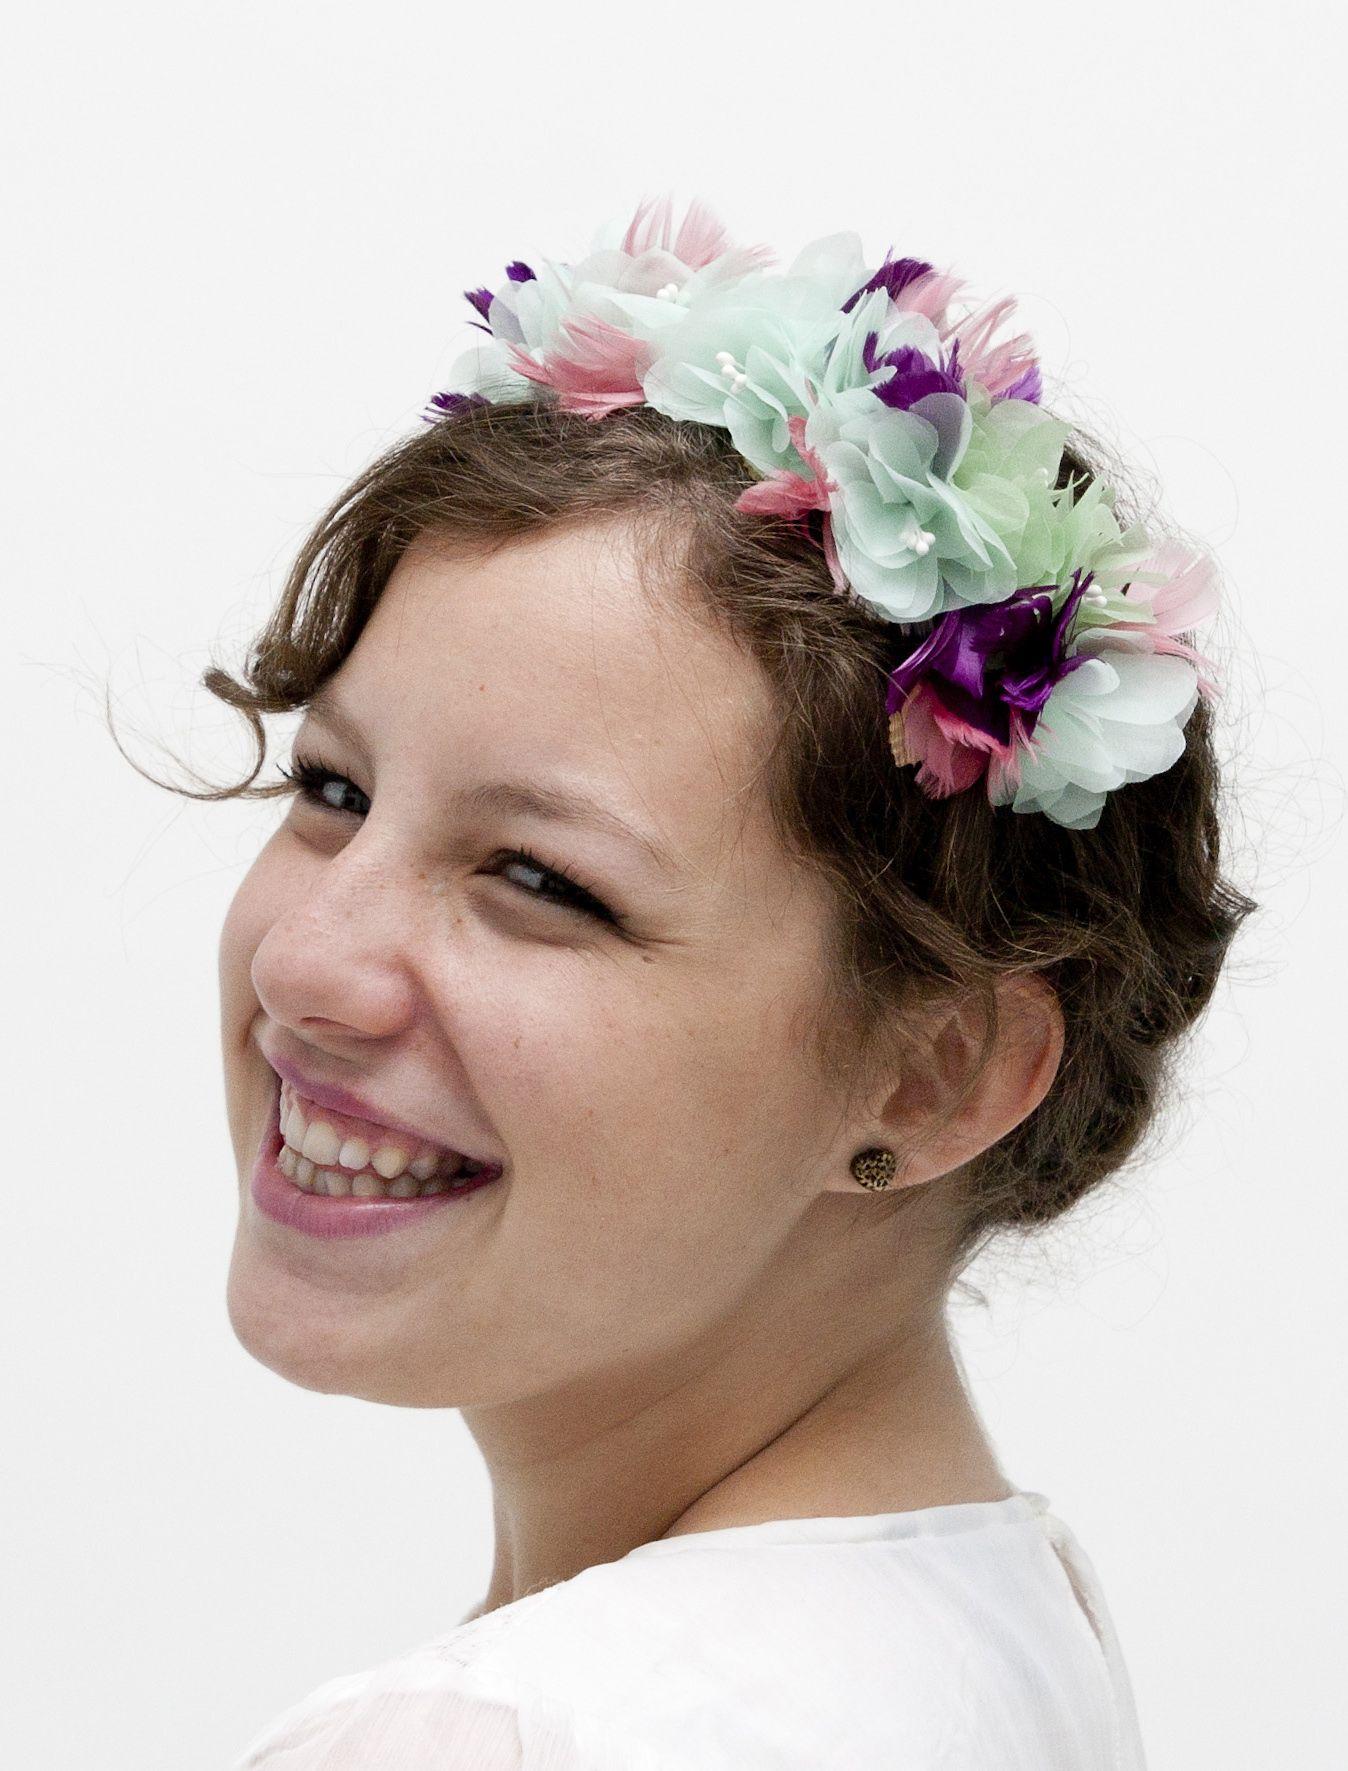 Glasgow wedding flower crown pink floral headband bridal floral glasgow wedding flower crown pink floral headband bridal floral crown boho flower izmirmasajfo